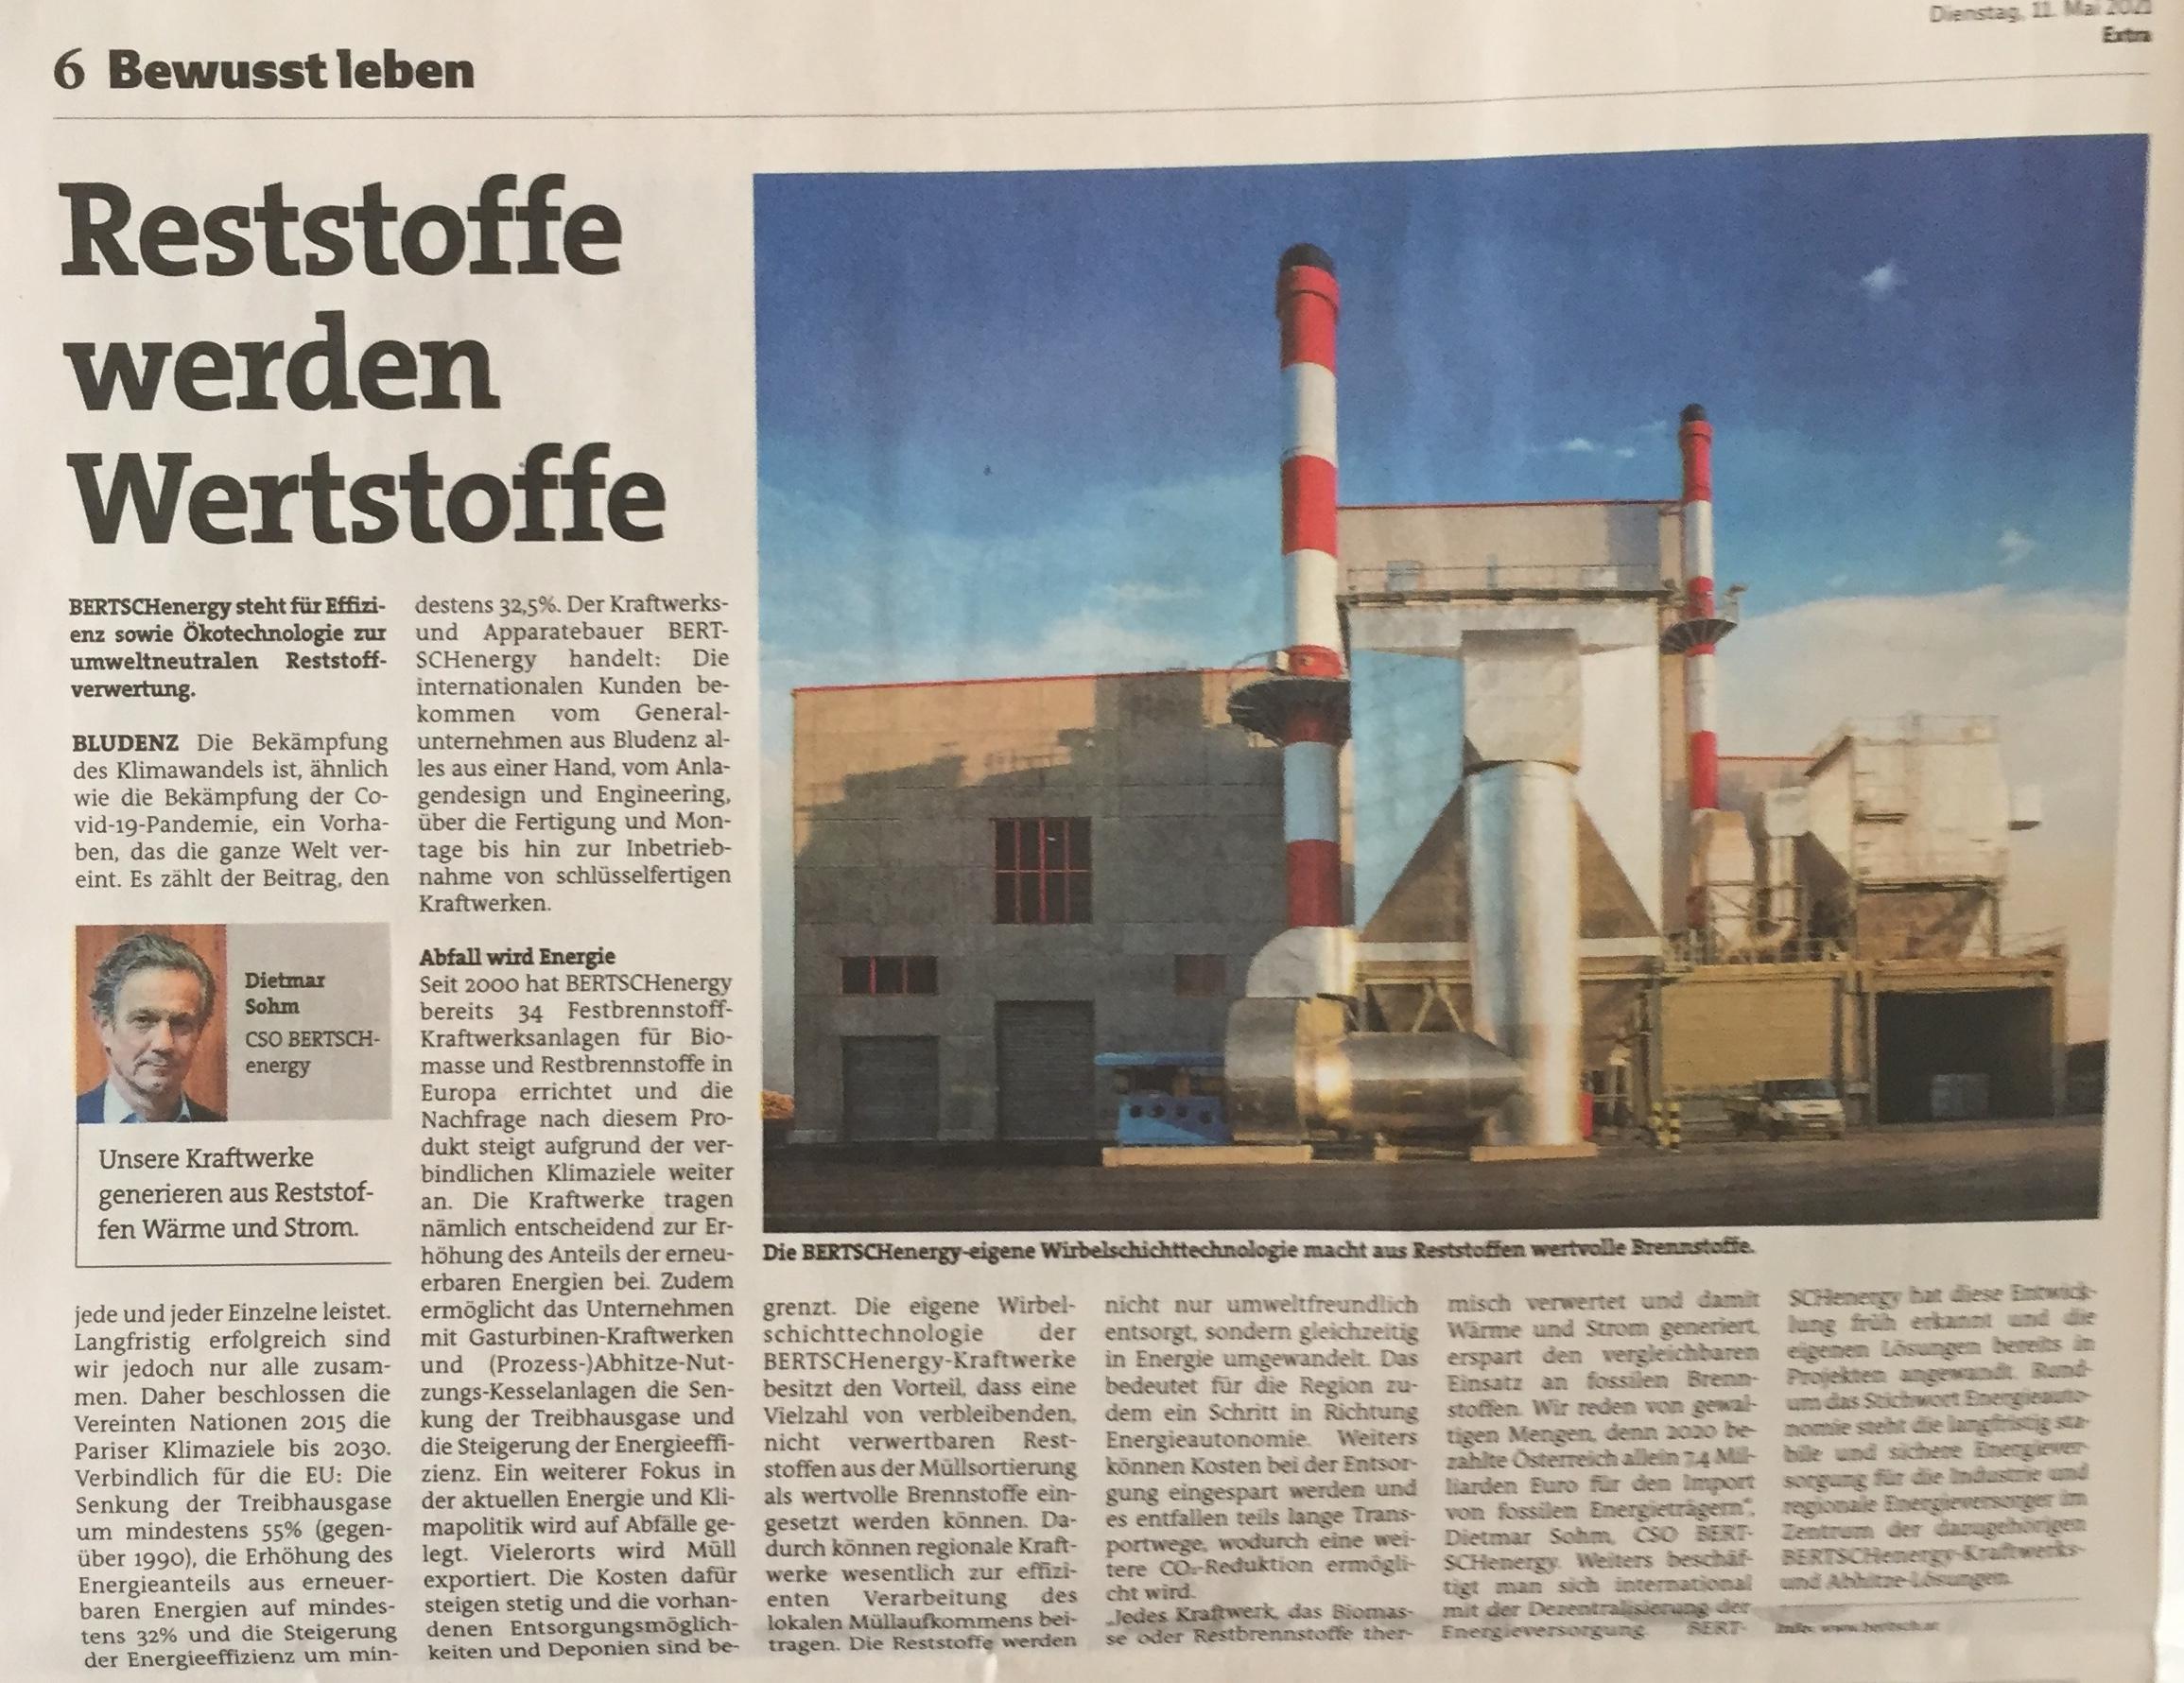 """BLUDENZ Die Bekämpfung des Klimawandels ist, ähnlich wie die Bekämpfung der Covid-19 Pandemie, ein Vorhaben, das die ganze Welt vereint. Es zählt der Beitrag, den jede und jeder Einzelne leistet. Langfristig erfolgreich sind wir jedoch nur alle zusammen. Daher beschlossen die Vereinten Nationen 2015 die Pariser Klimaziele bis 2030. Verbindlich für die EU: Die Senkung der Treibhausgase um mindestens 55% (gegenüber 1990), die Erhöhung des Energieanteils aus erneuerbaren Energien auf mindestens 32% und die Steigerung der Energieeffizienz um mindestens 32,5%.  Von Claudia Bertsch (Head of Marketing BERTSCHgroup, der Artikel ist am 11.5.2021 in der Extra-Ausgabe """"Bewusst leben"""" der Vorarlberger Nachrichten erschienen)"""